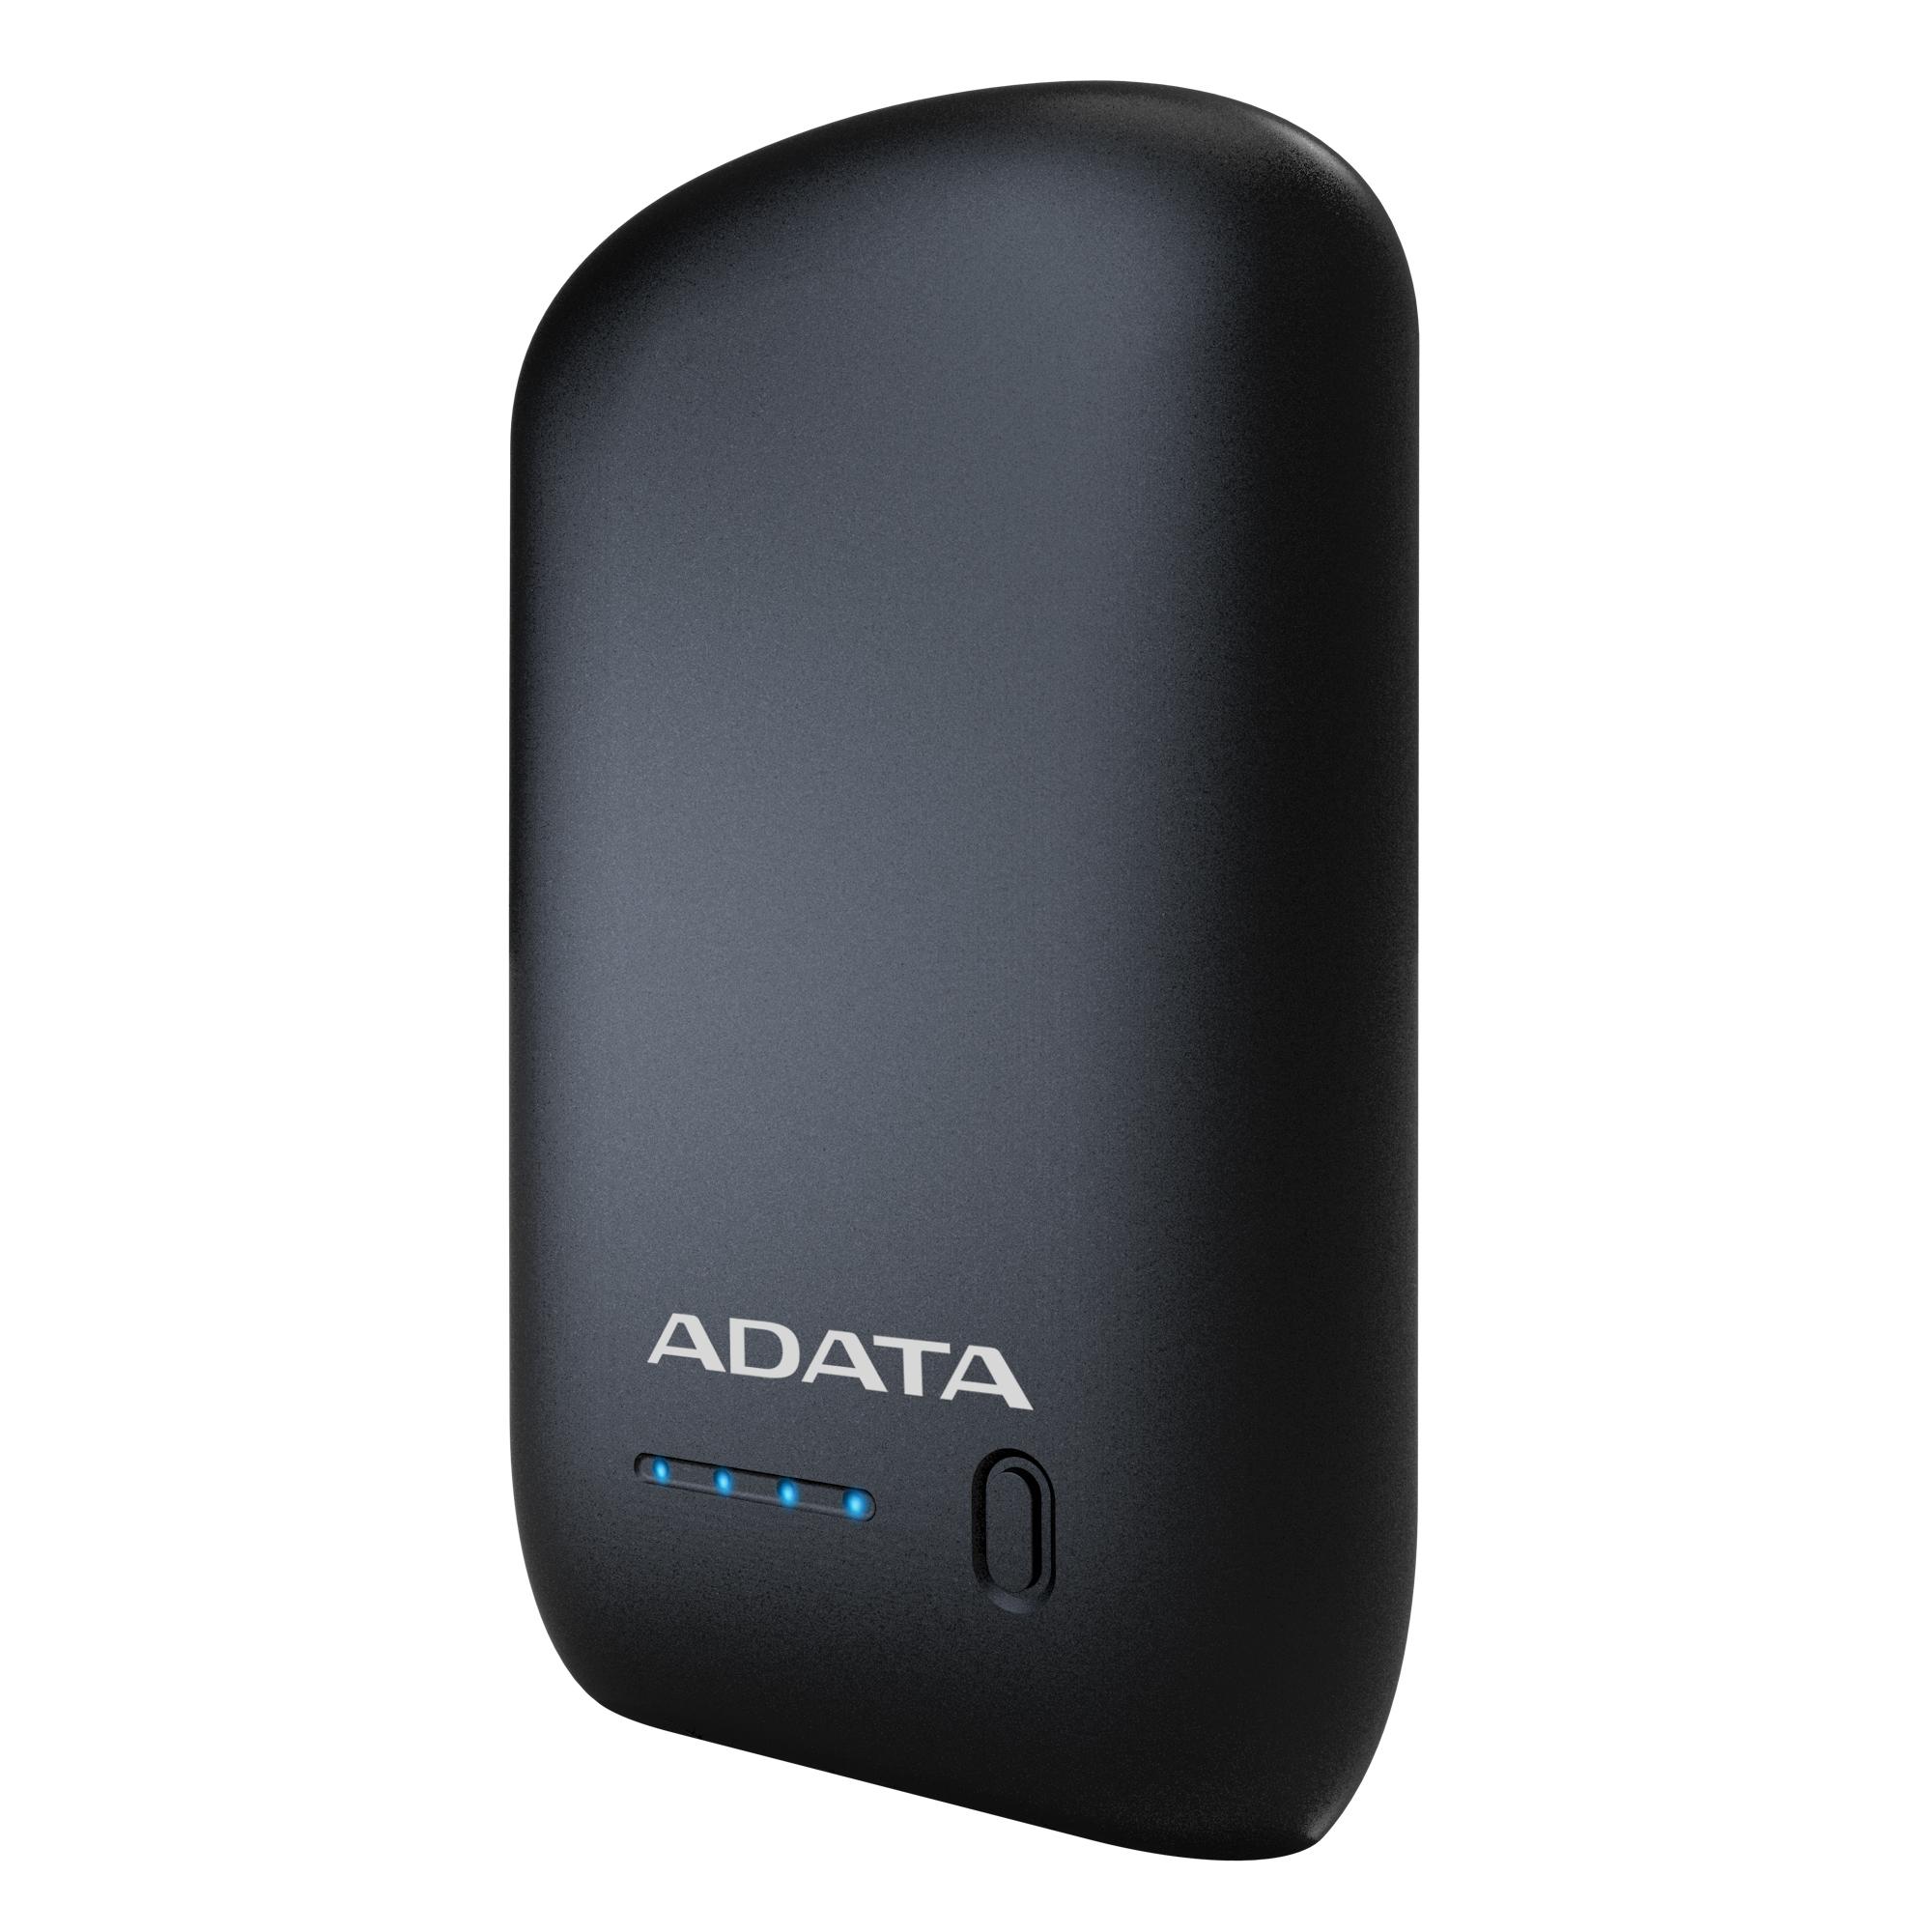 ADATA P10050 Power Bank 10050mAh černá